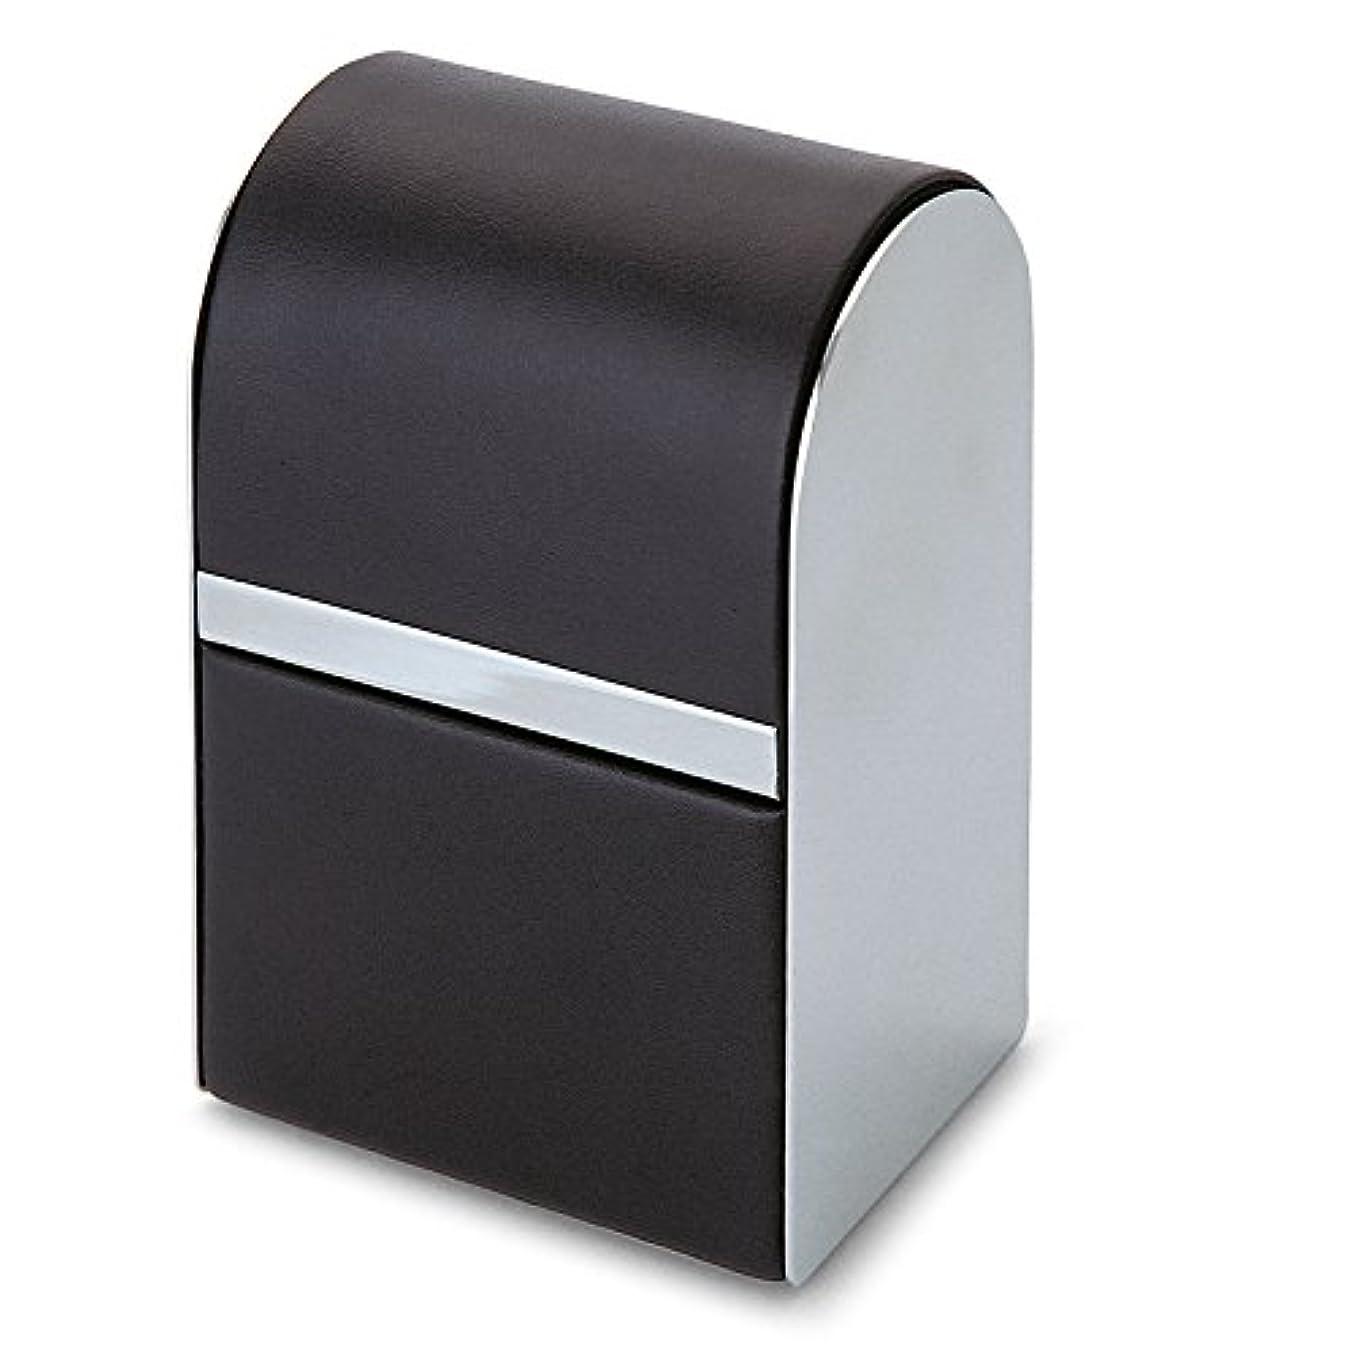 ボイド債務力強いPhilippi Giorgio メンズ身だしなみキット 7pcsセット leather stainless polished